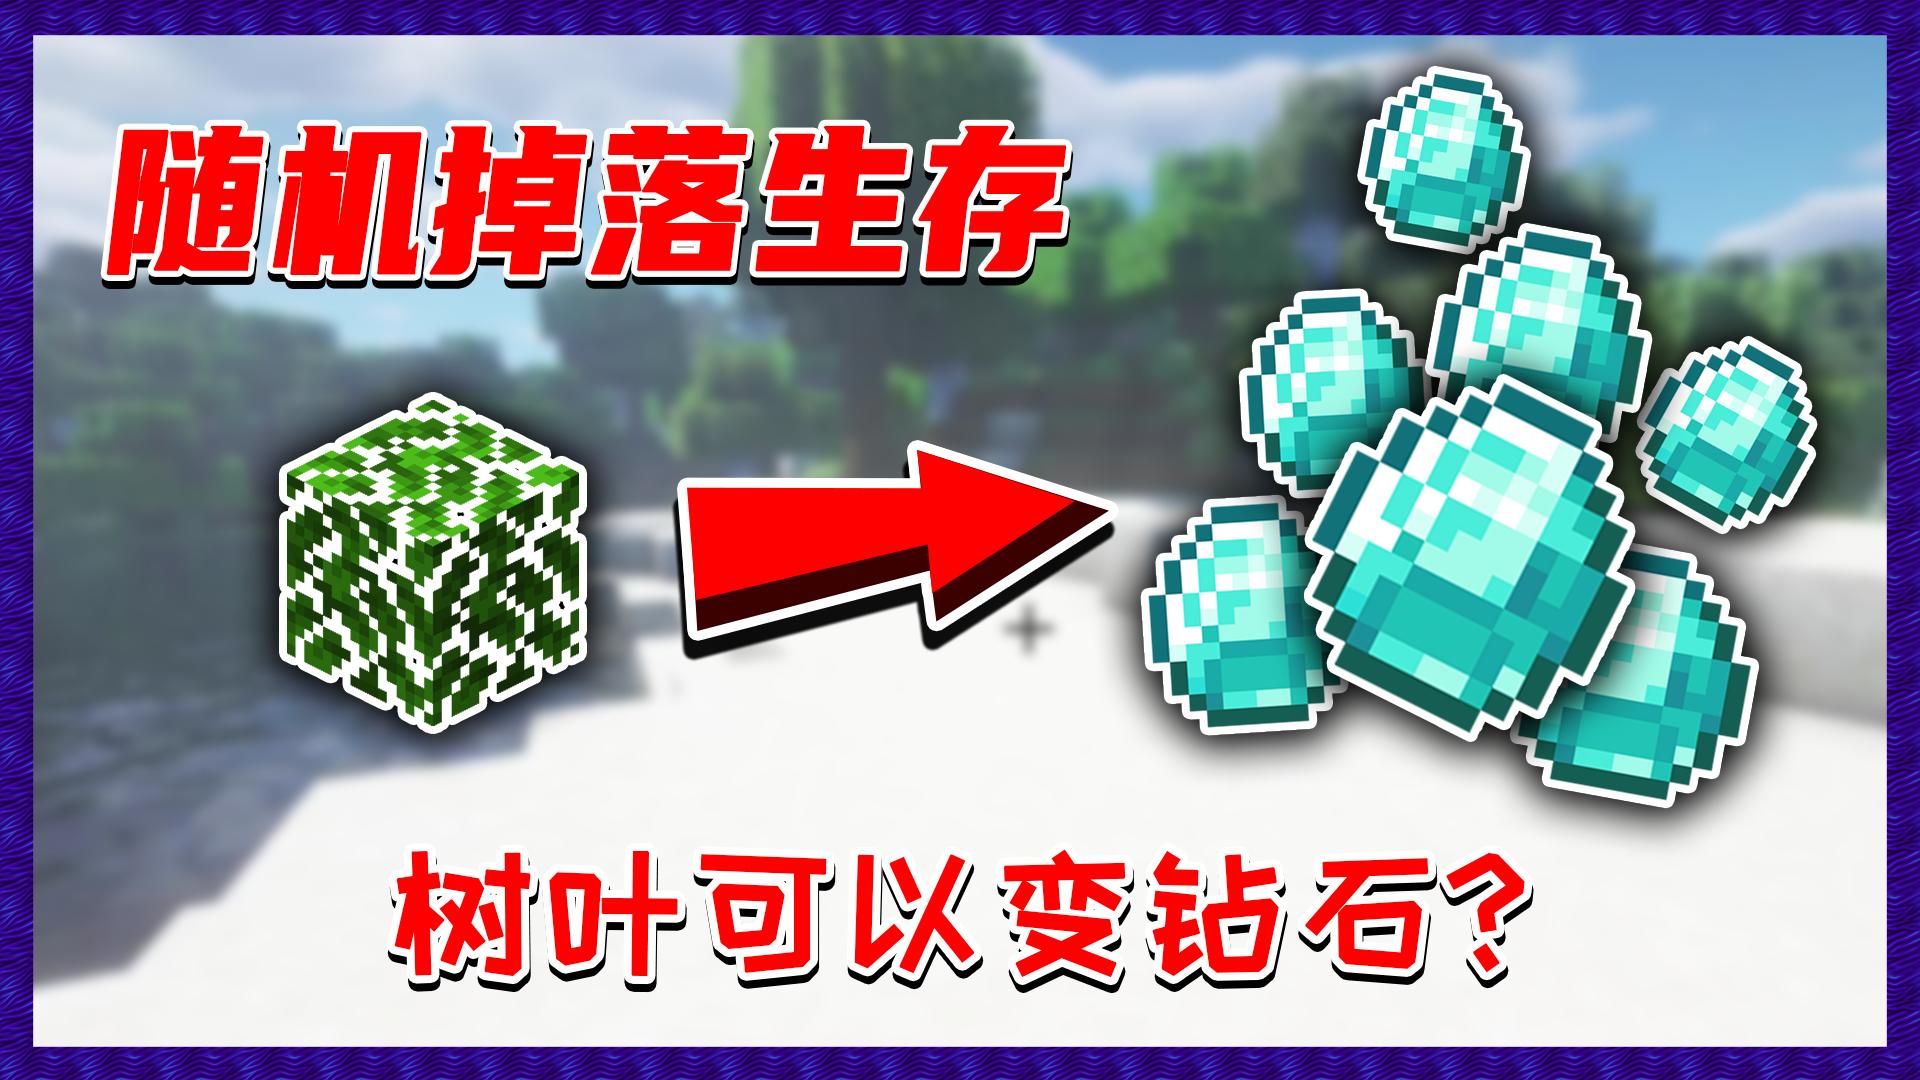 【随机生存4】我的世界里剪叶子可以变成钻石,掉落物完全混乱!